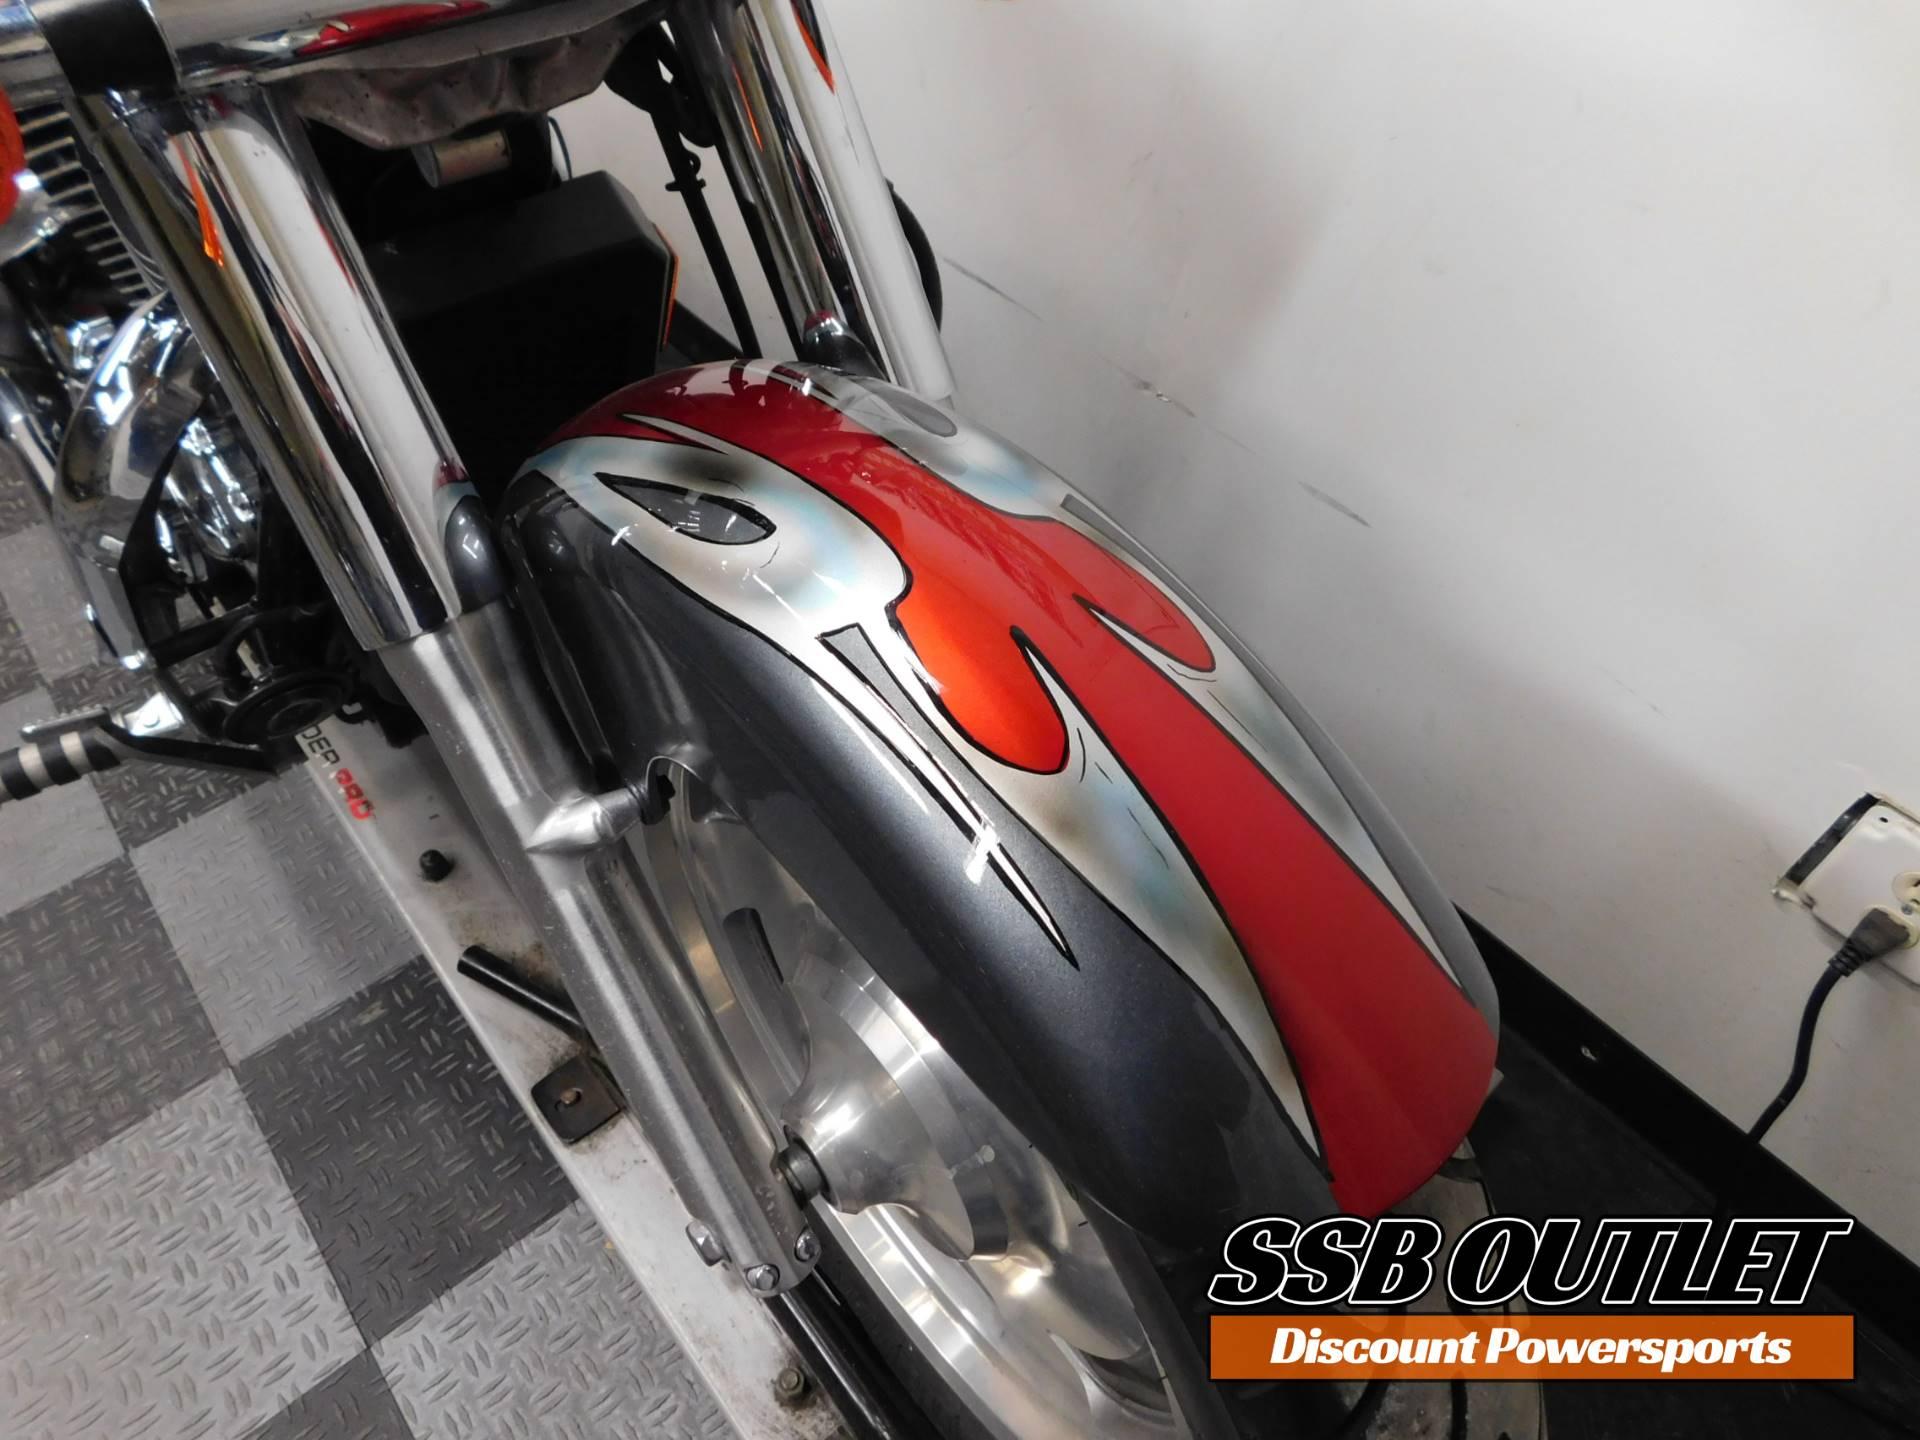 2006 Honda Shadow Spirit 9